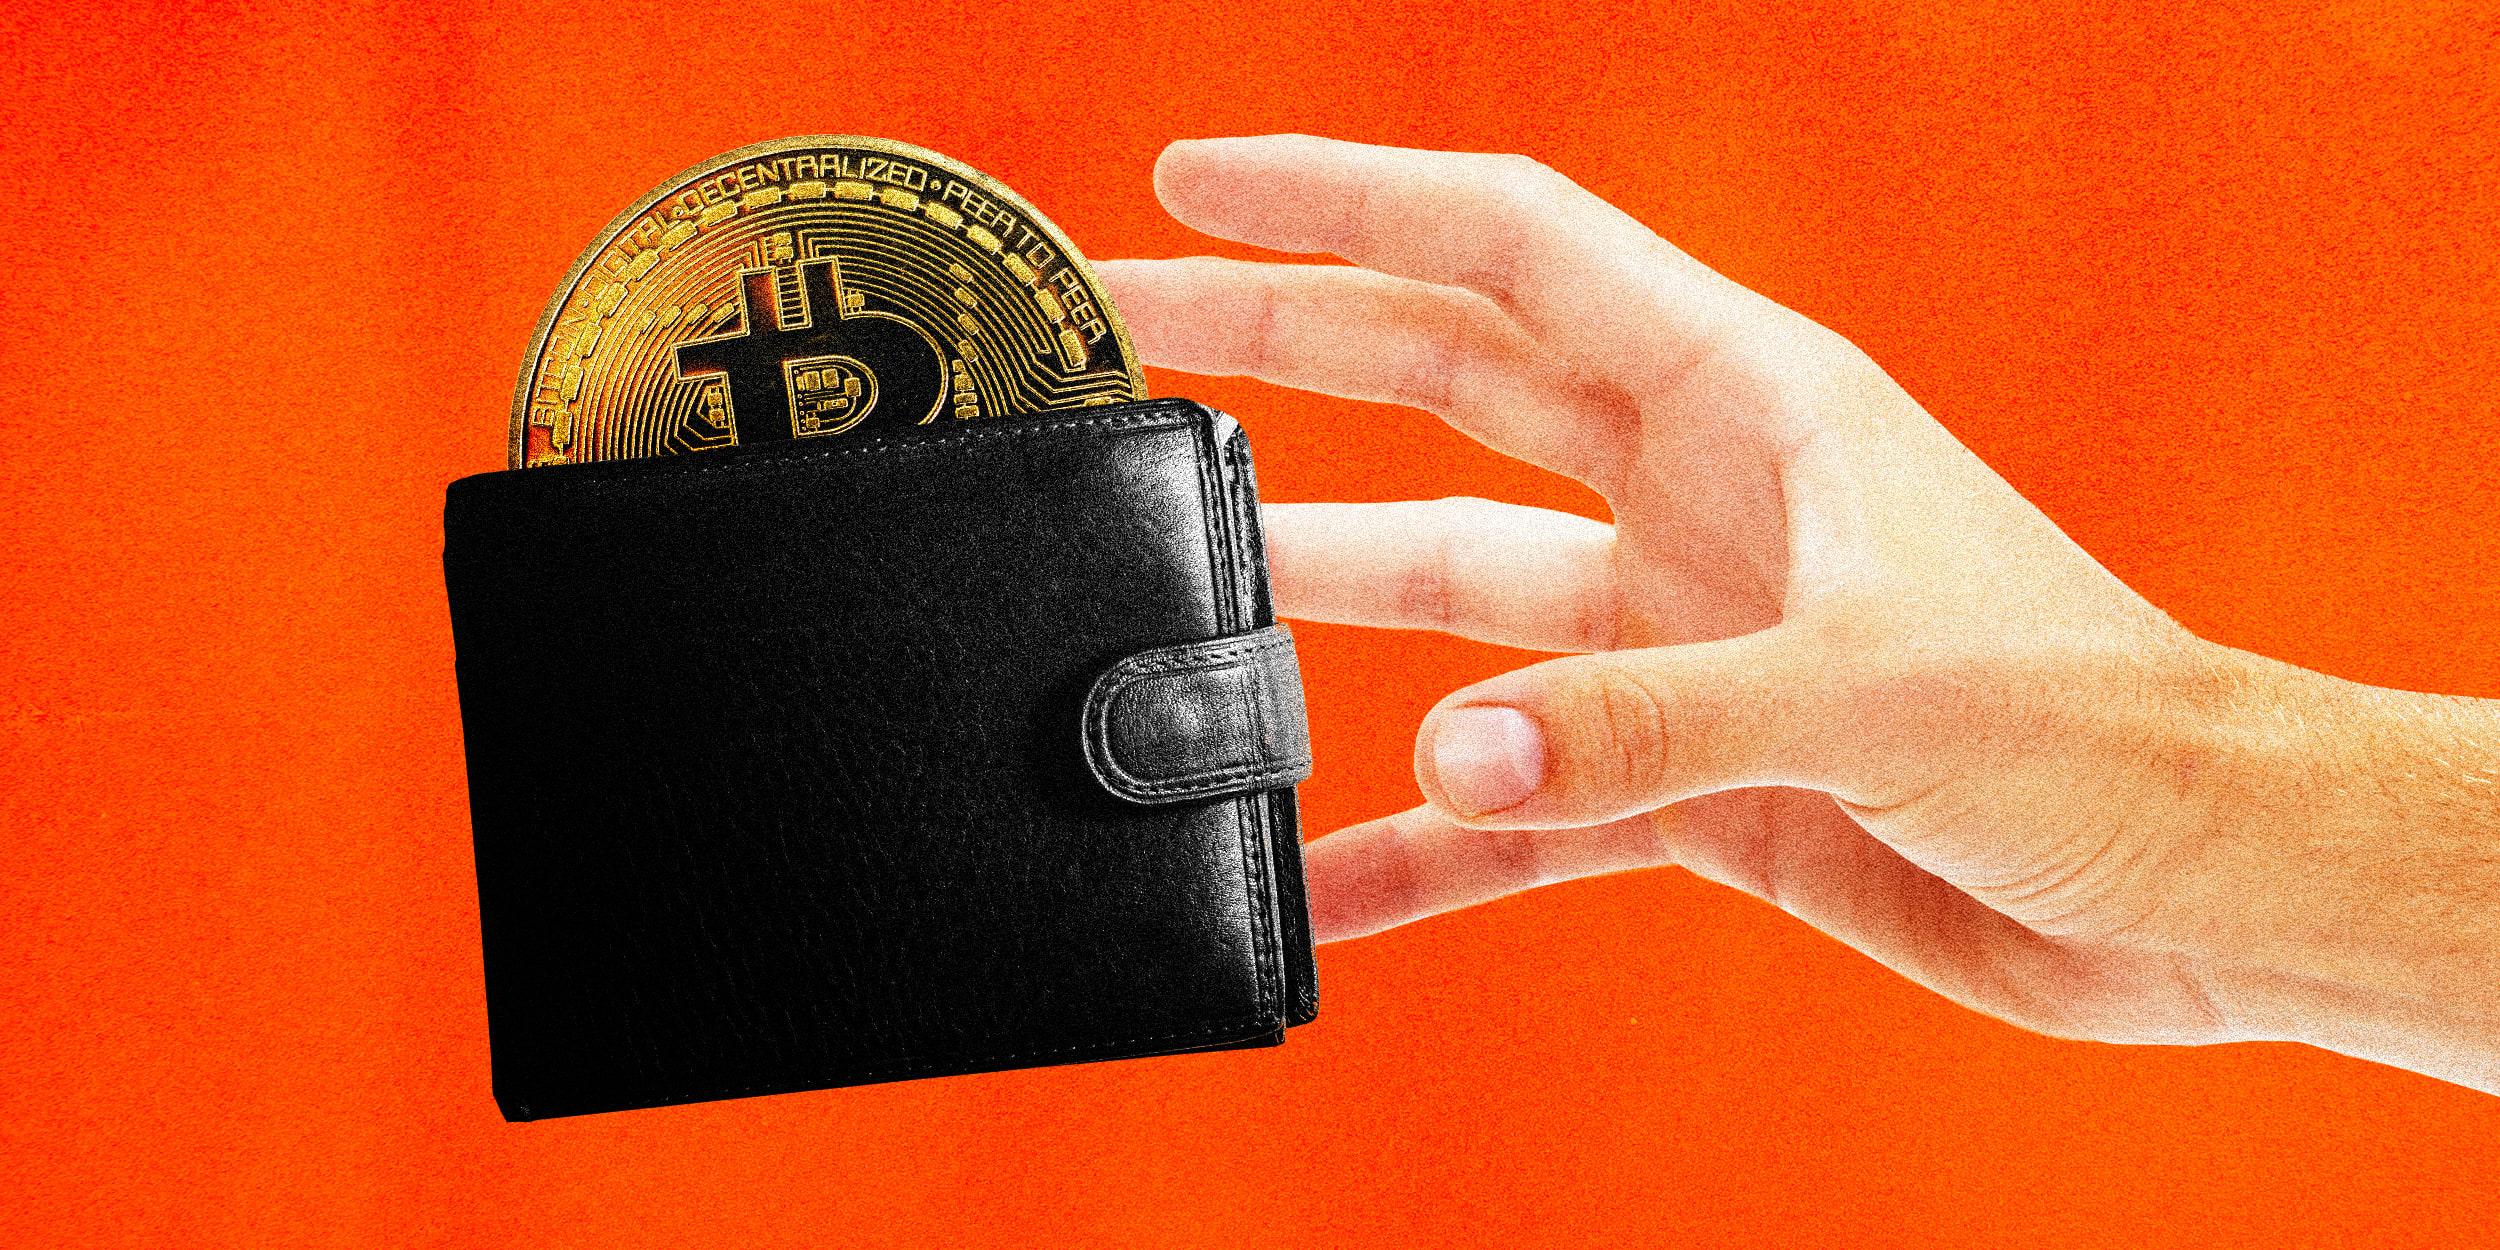 Bitcoin, l'allarme lanciato dall'FBI: impennata per la criminalità informatica